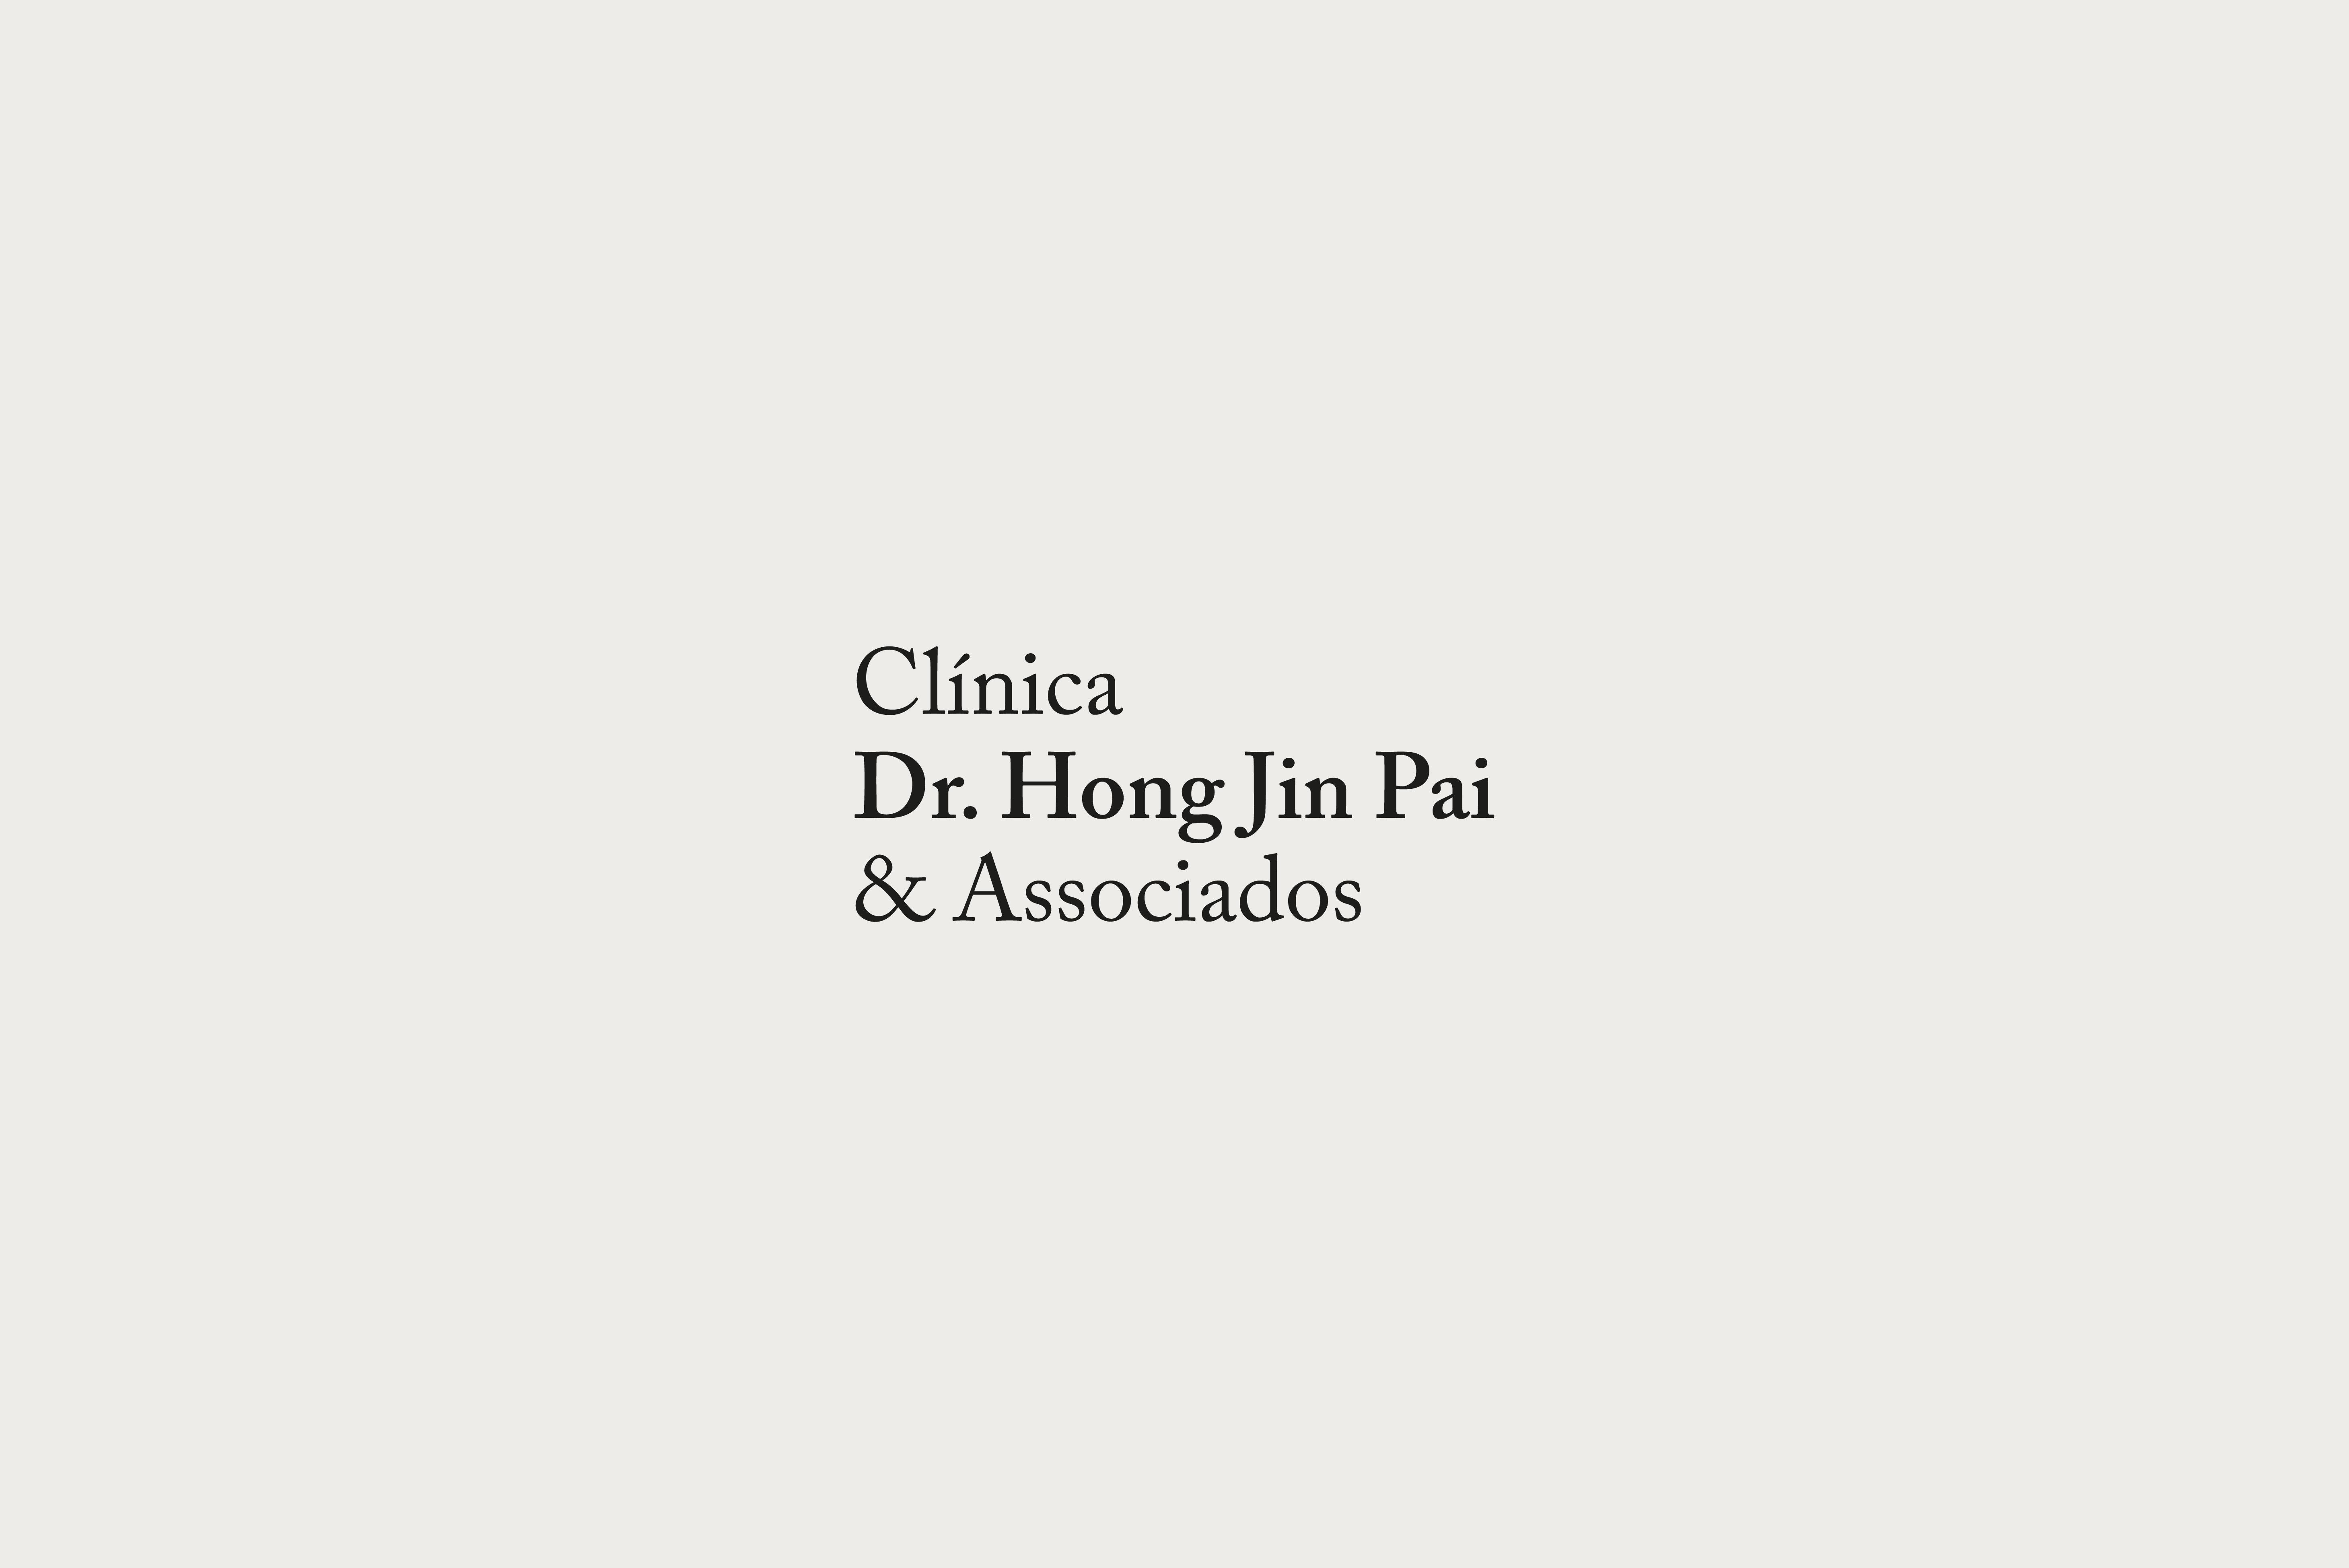 巴西圣保罗针灸诊所Hong Jin Pai品牌形象设计